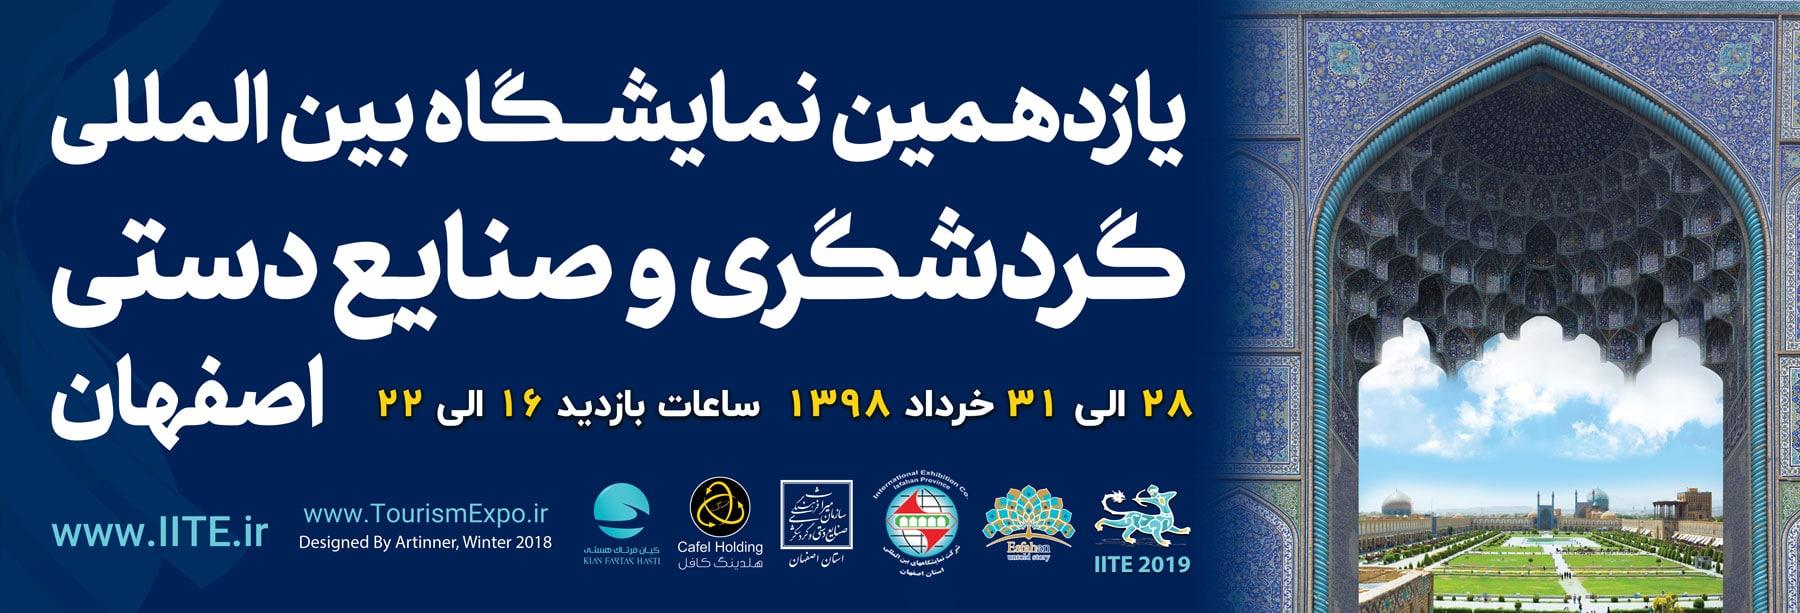 یازدهمین نمایشگاه بین المللی گردشگری اصفهان